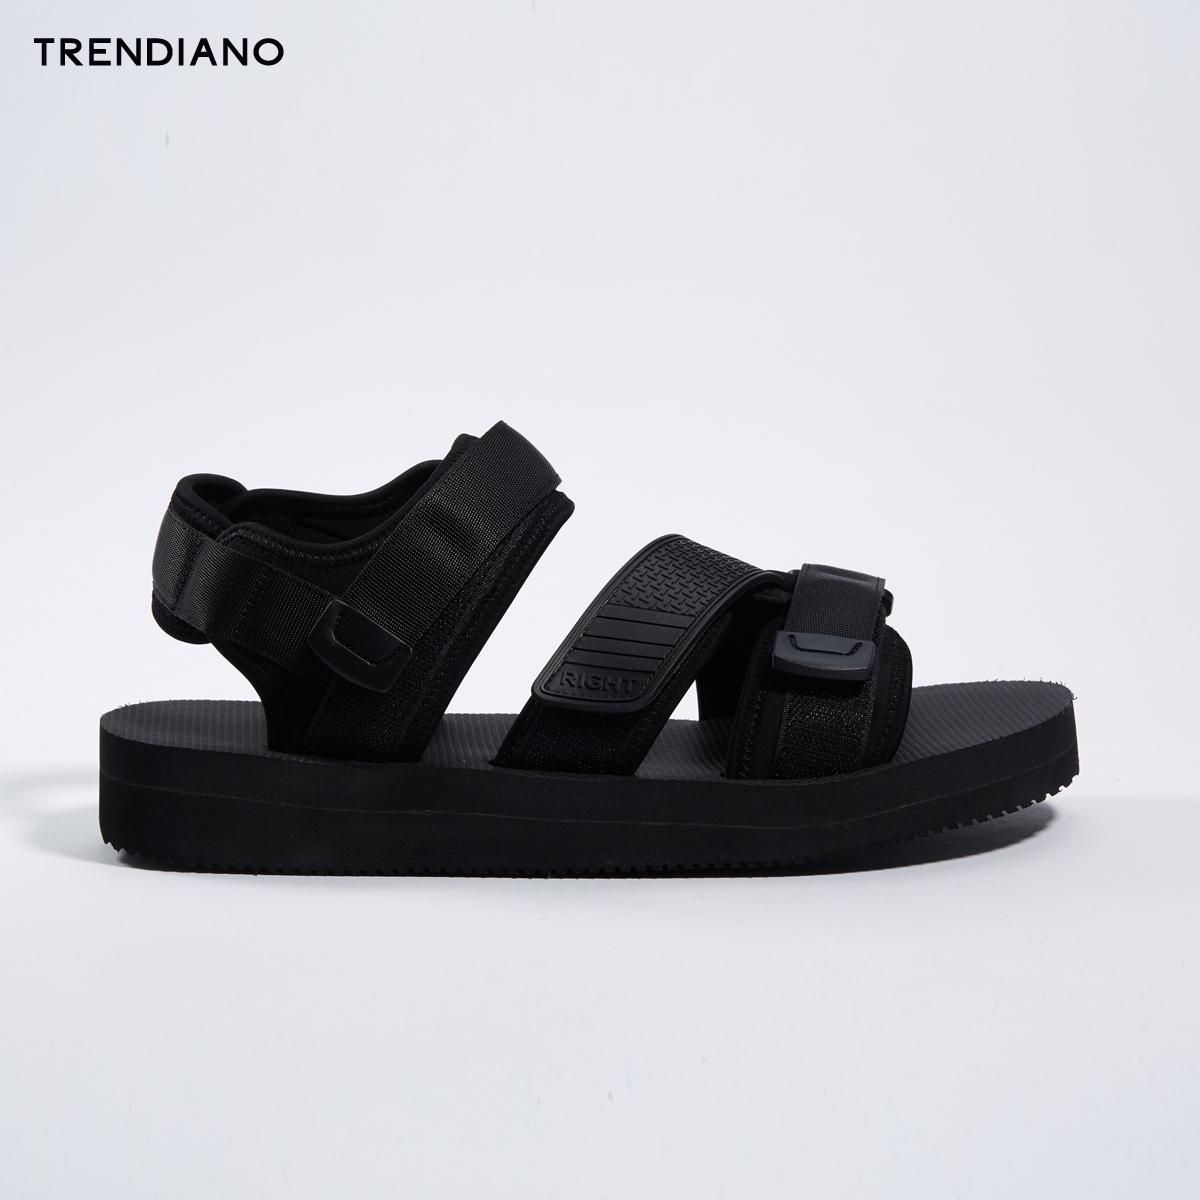 TRENDIANO新2018男装夏装潮纯色攀带魔术贴休闲男凉鞋3GA251804P